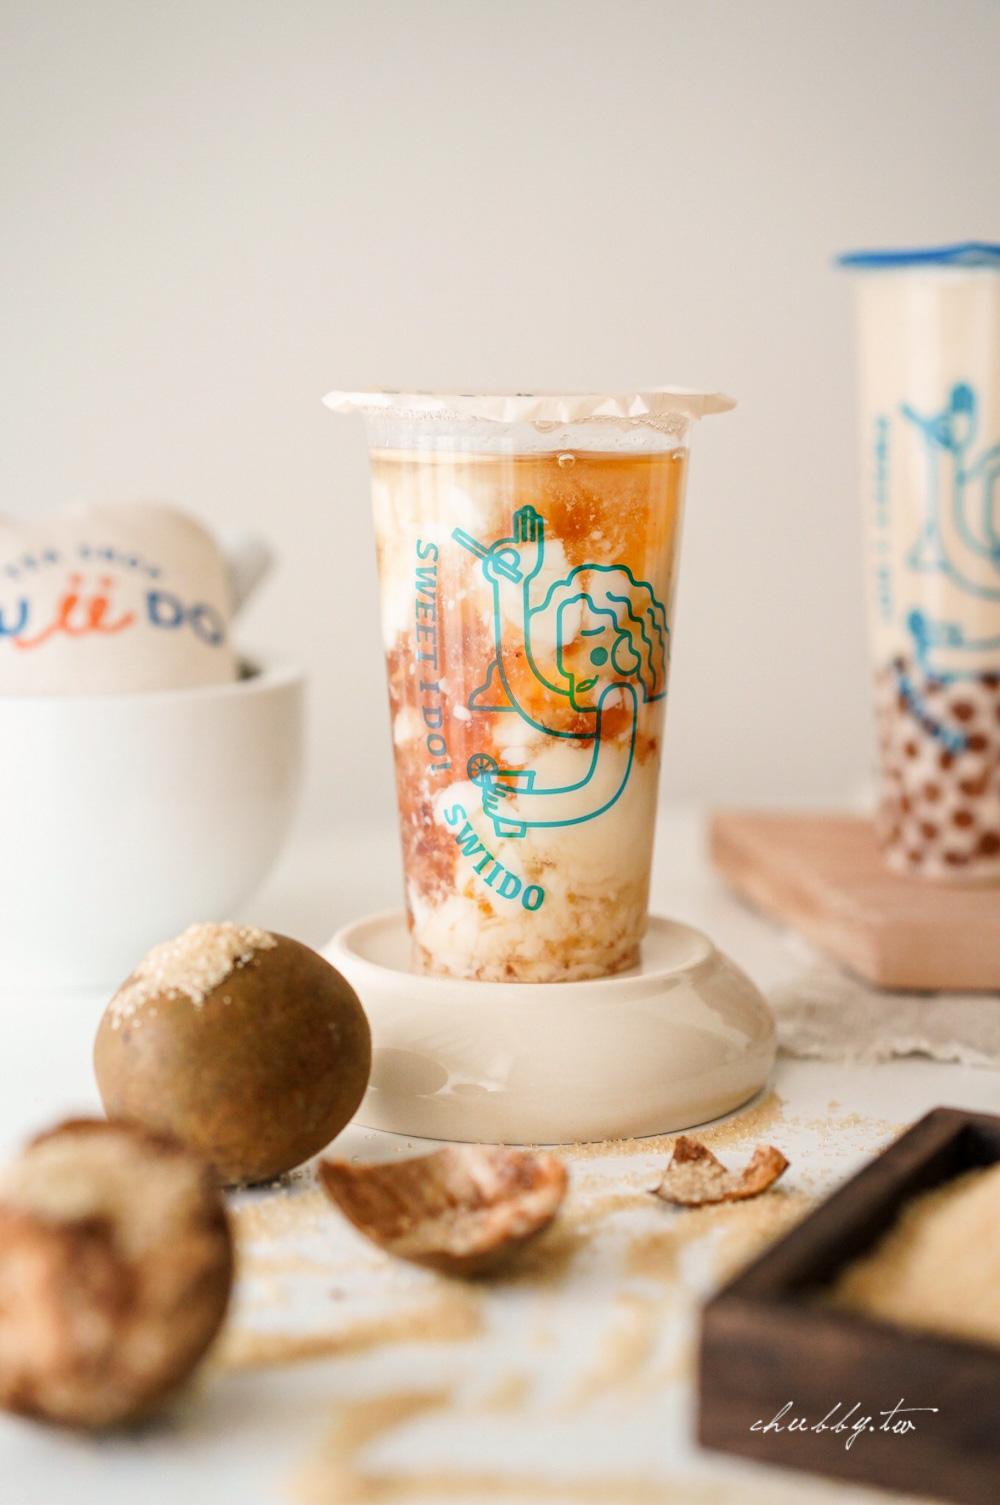 珍奶只有75大卡?添加黃金零卡糖的健康手搖飲「走糖 Swiido」兼顧甜味與健康,螞蟻人放心喝不怕升醣!